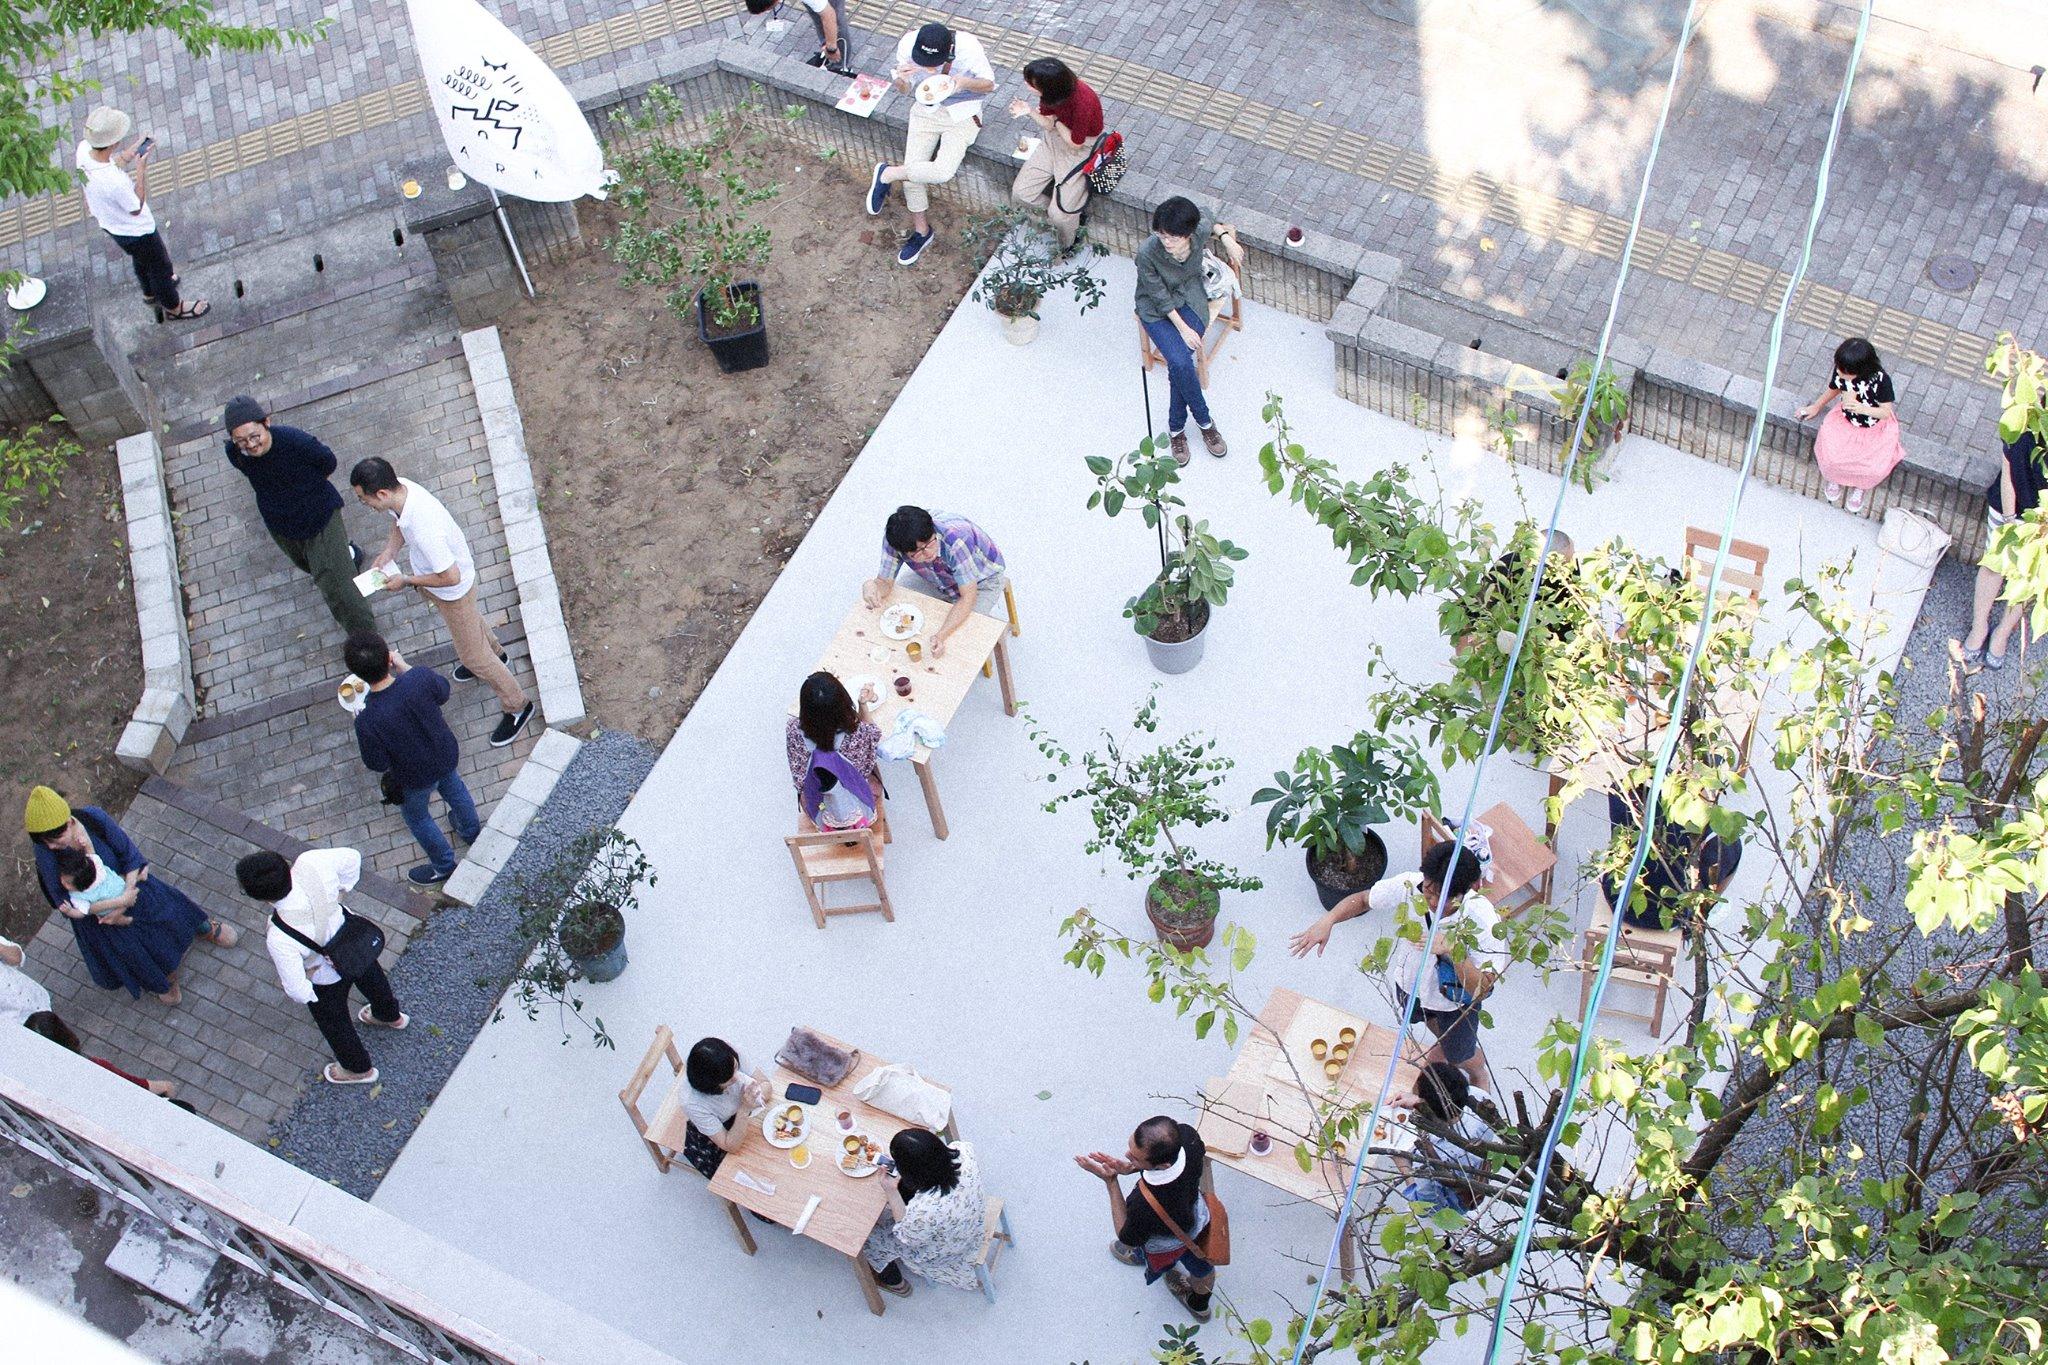 鯖江のコミュニティスペースPARK